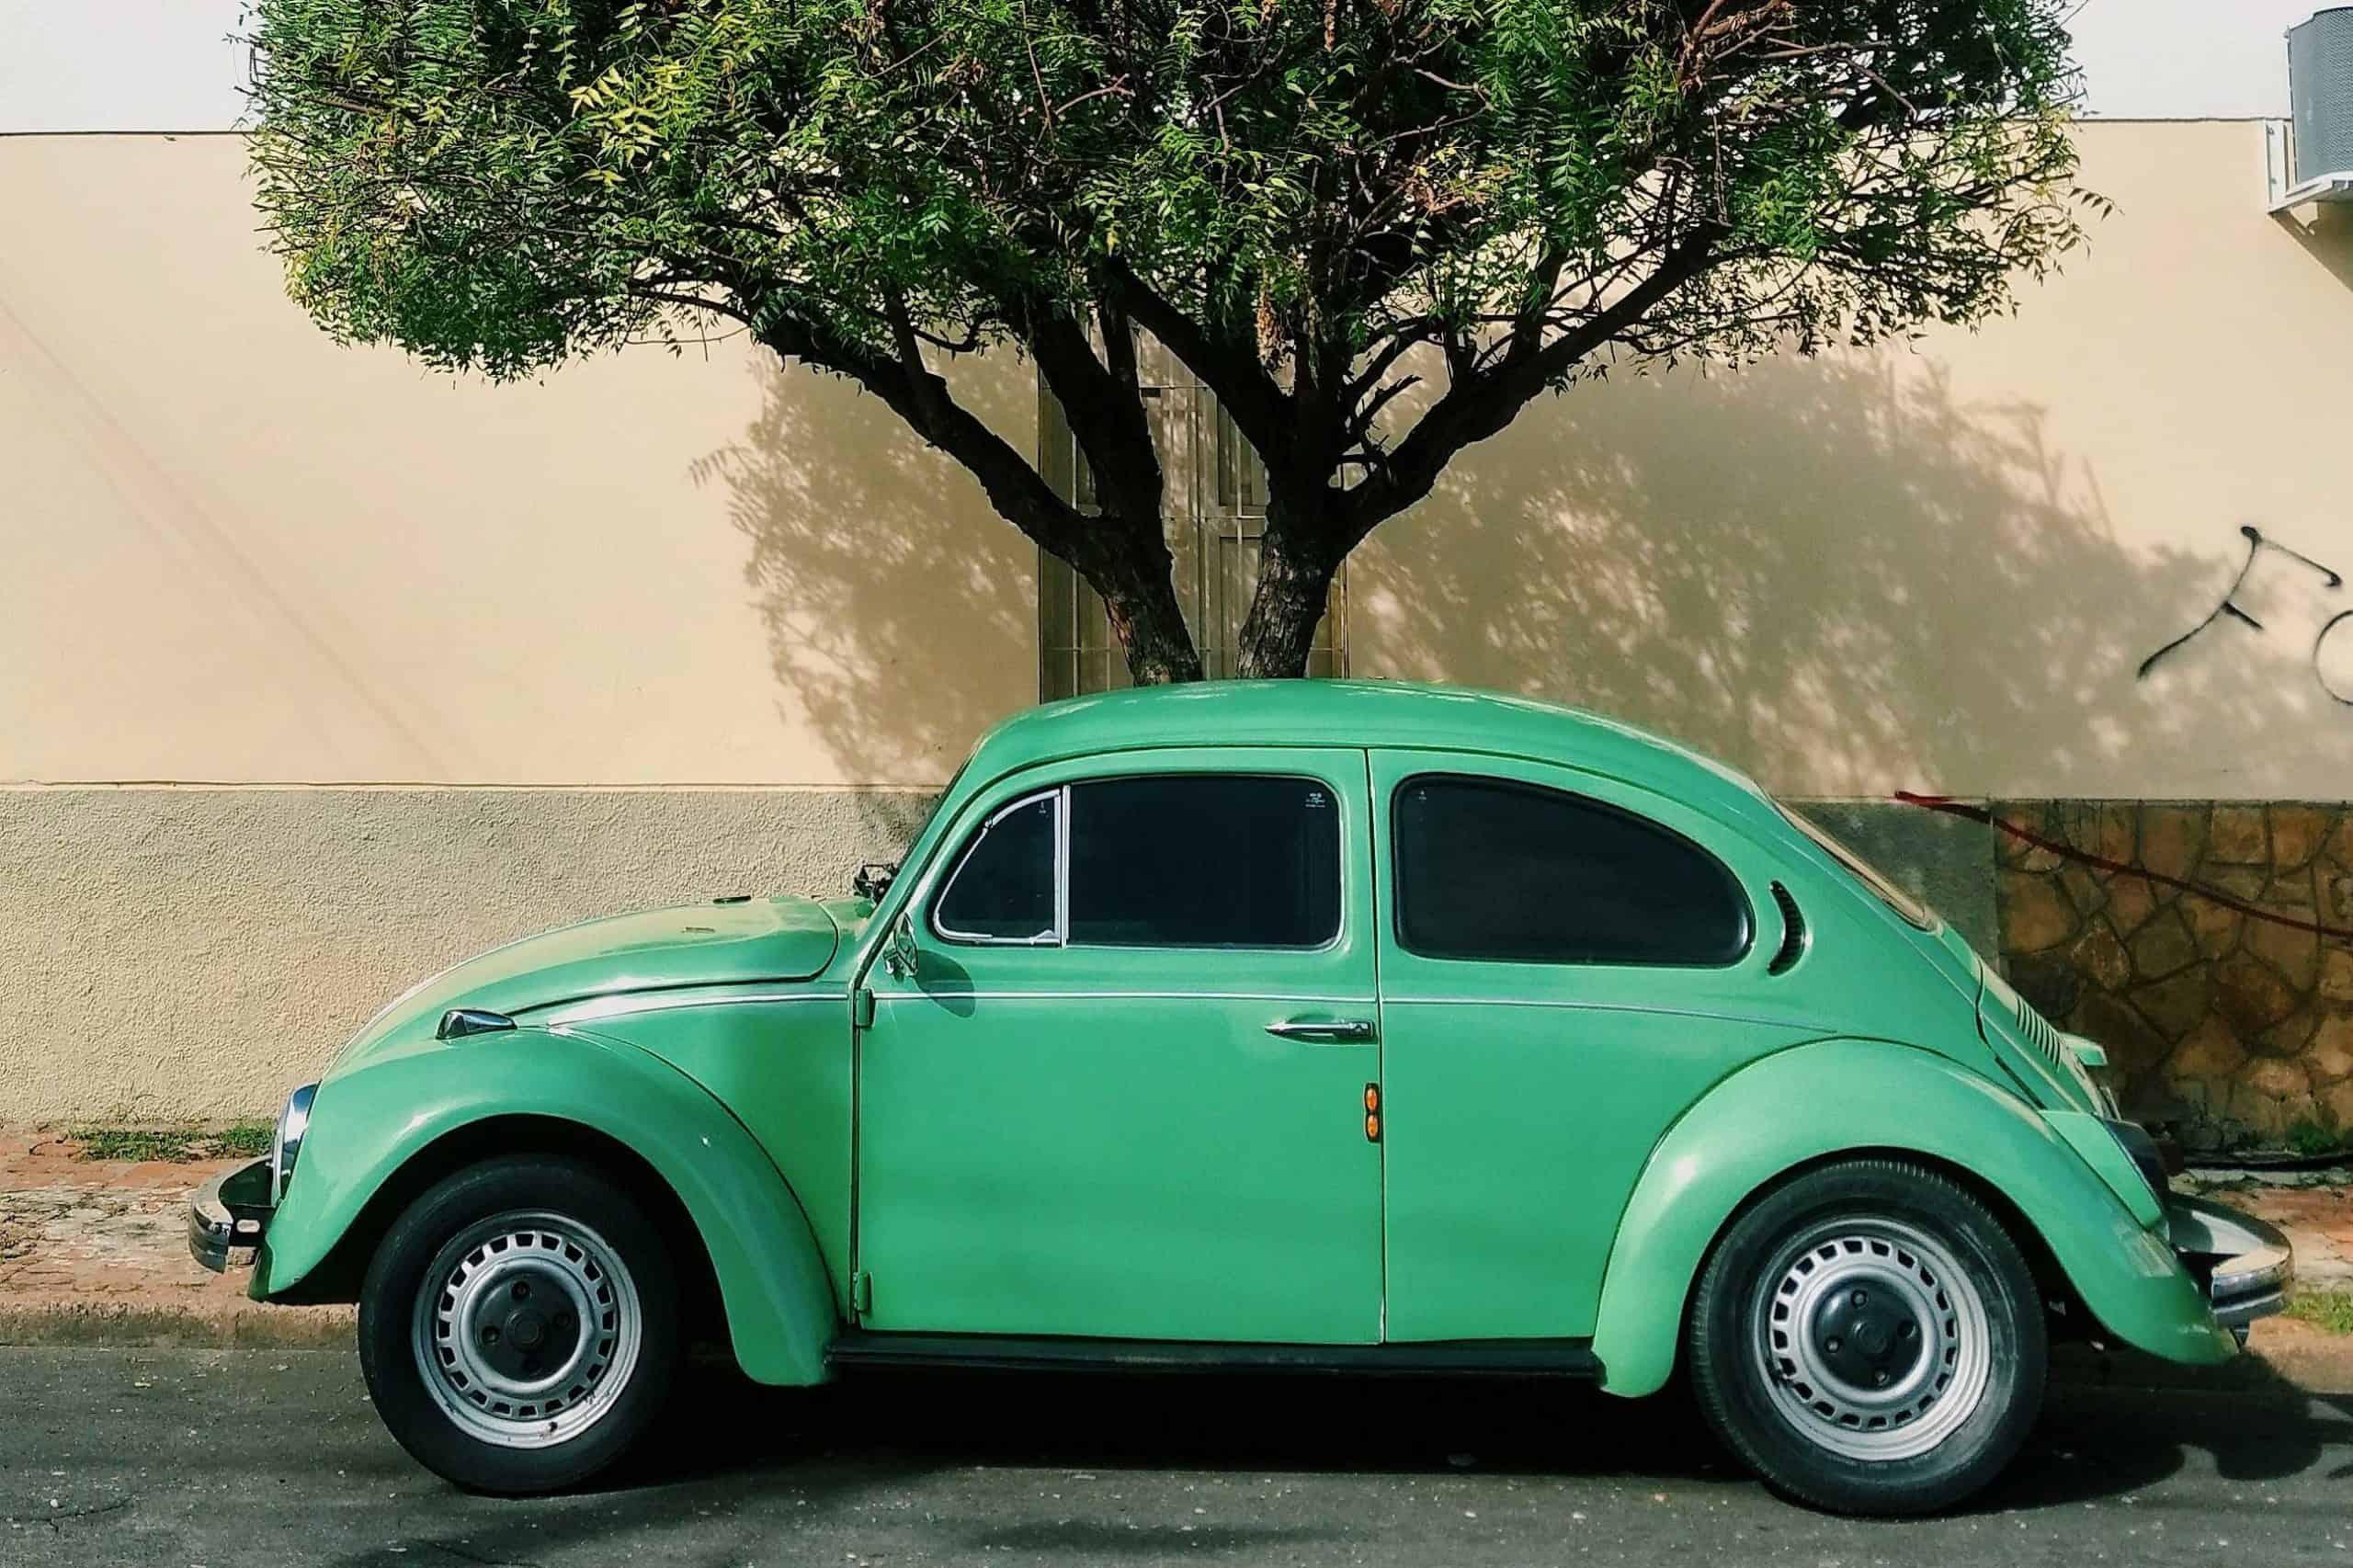 green vw beetle classic